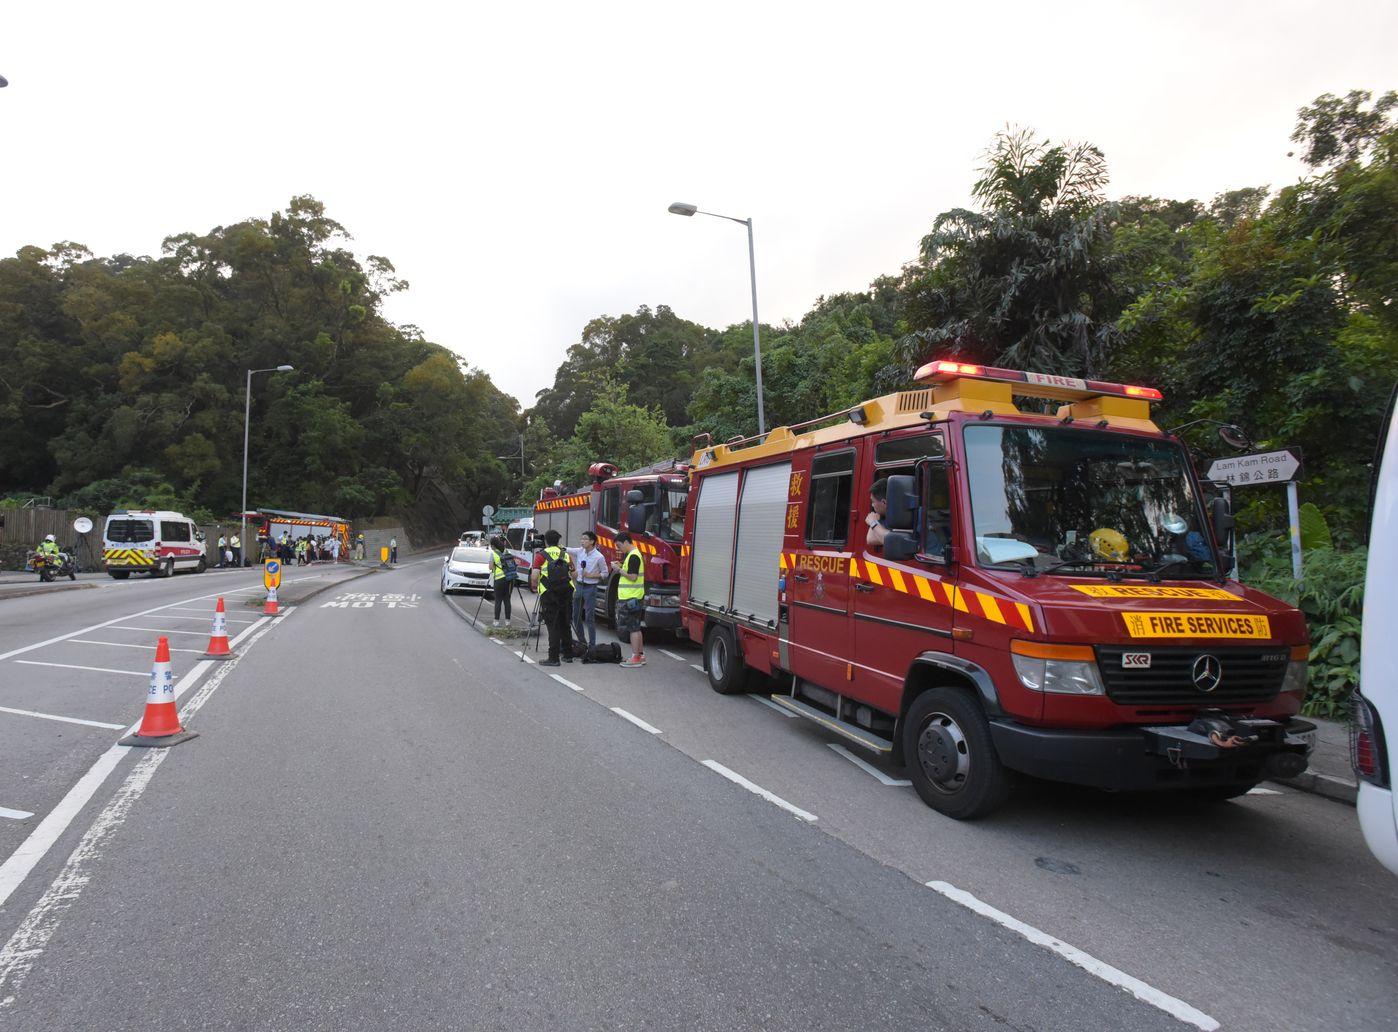 警方及消防在現場調查及搜索。